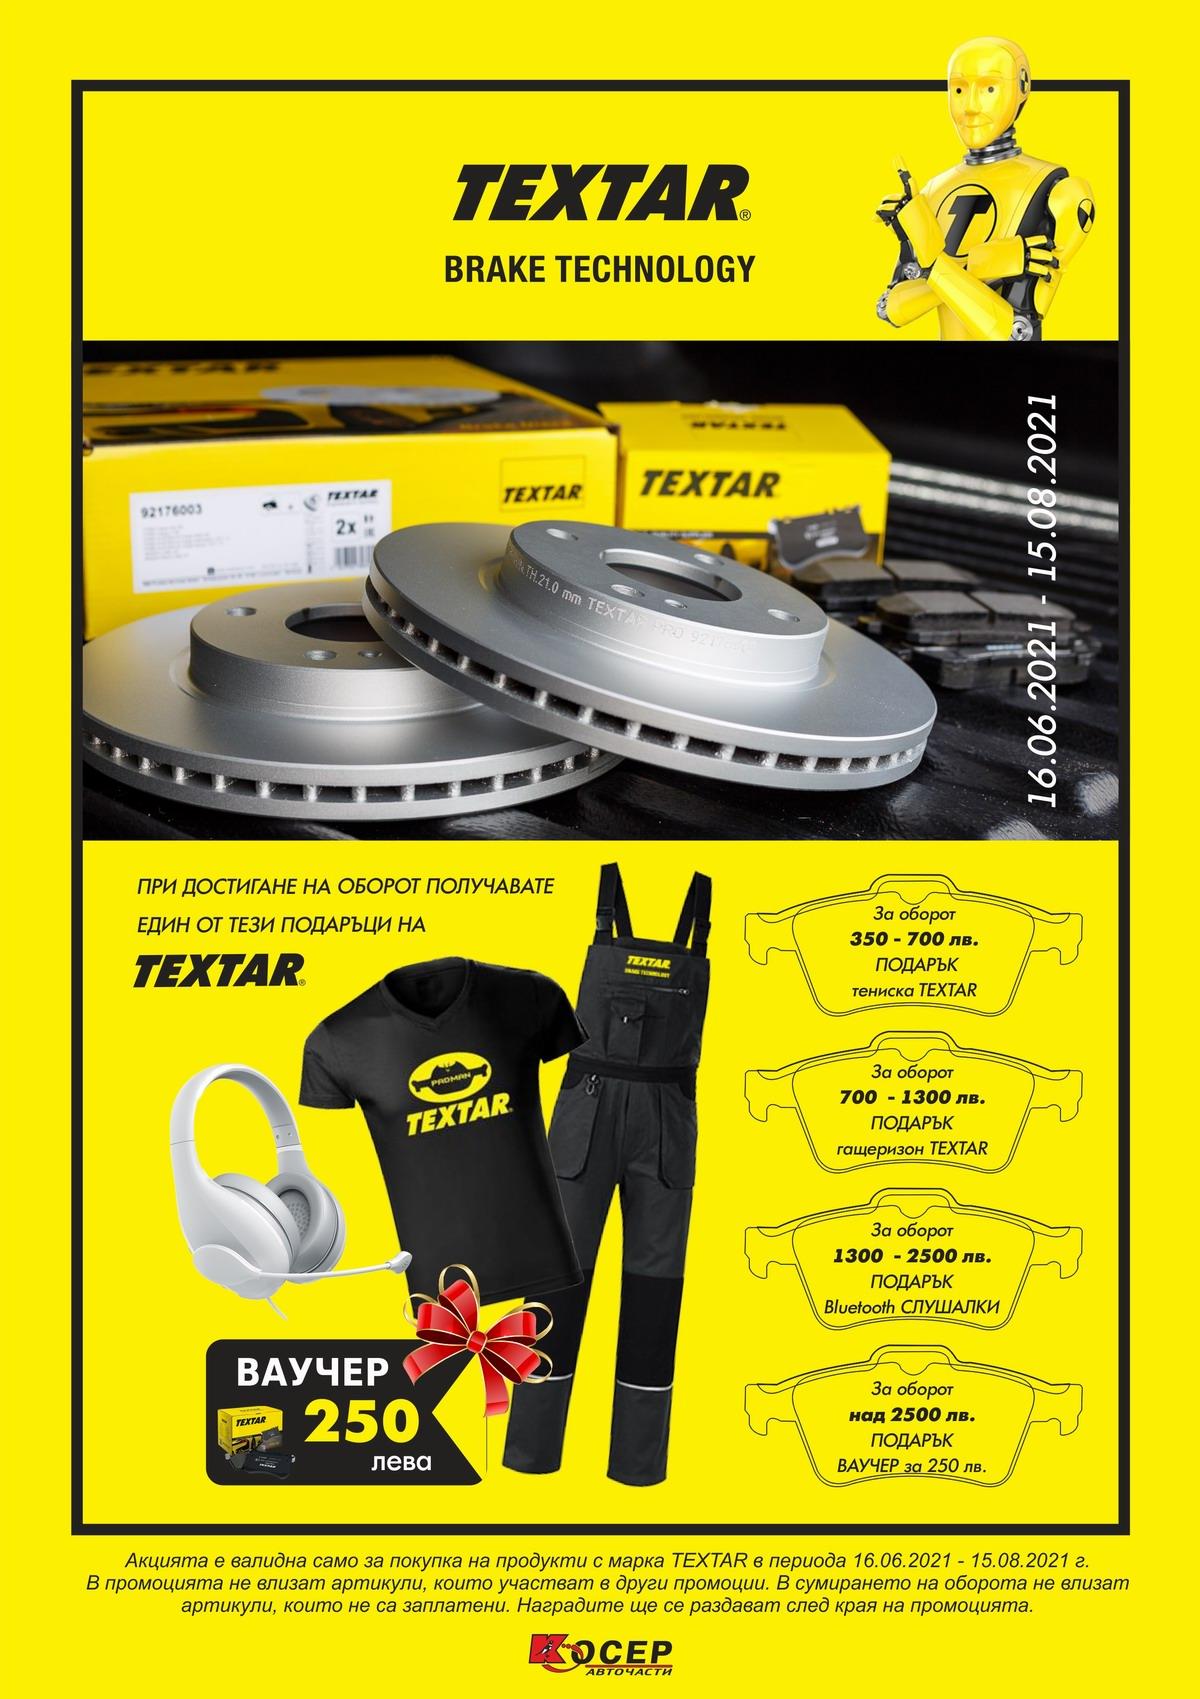 Промоция TEXTAR - 16.06.2021 до 15.08.2021